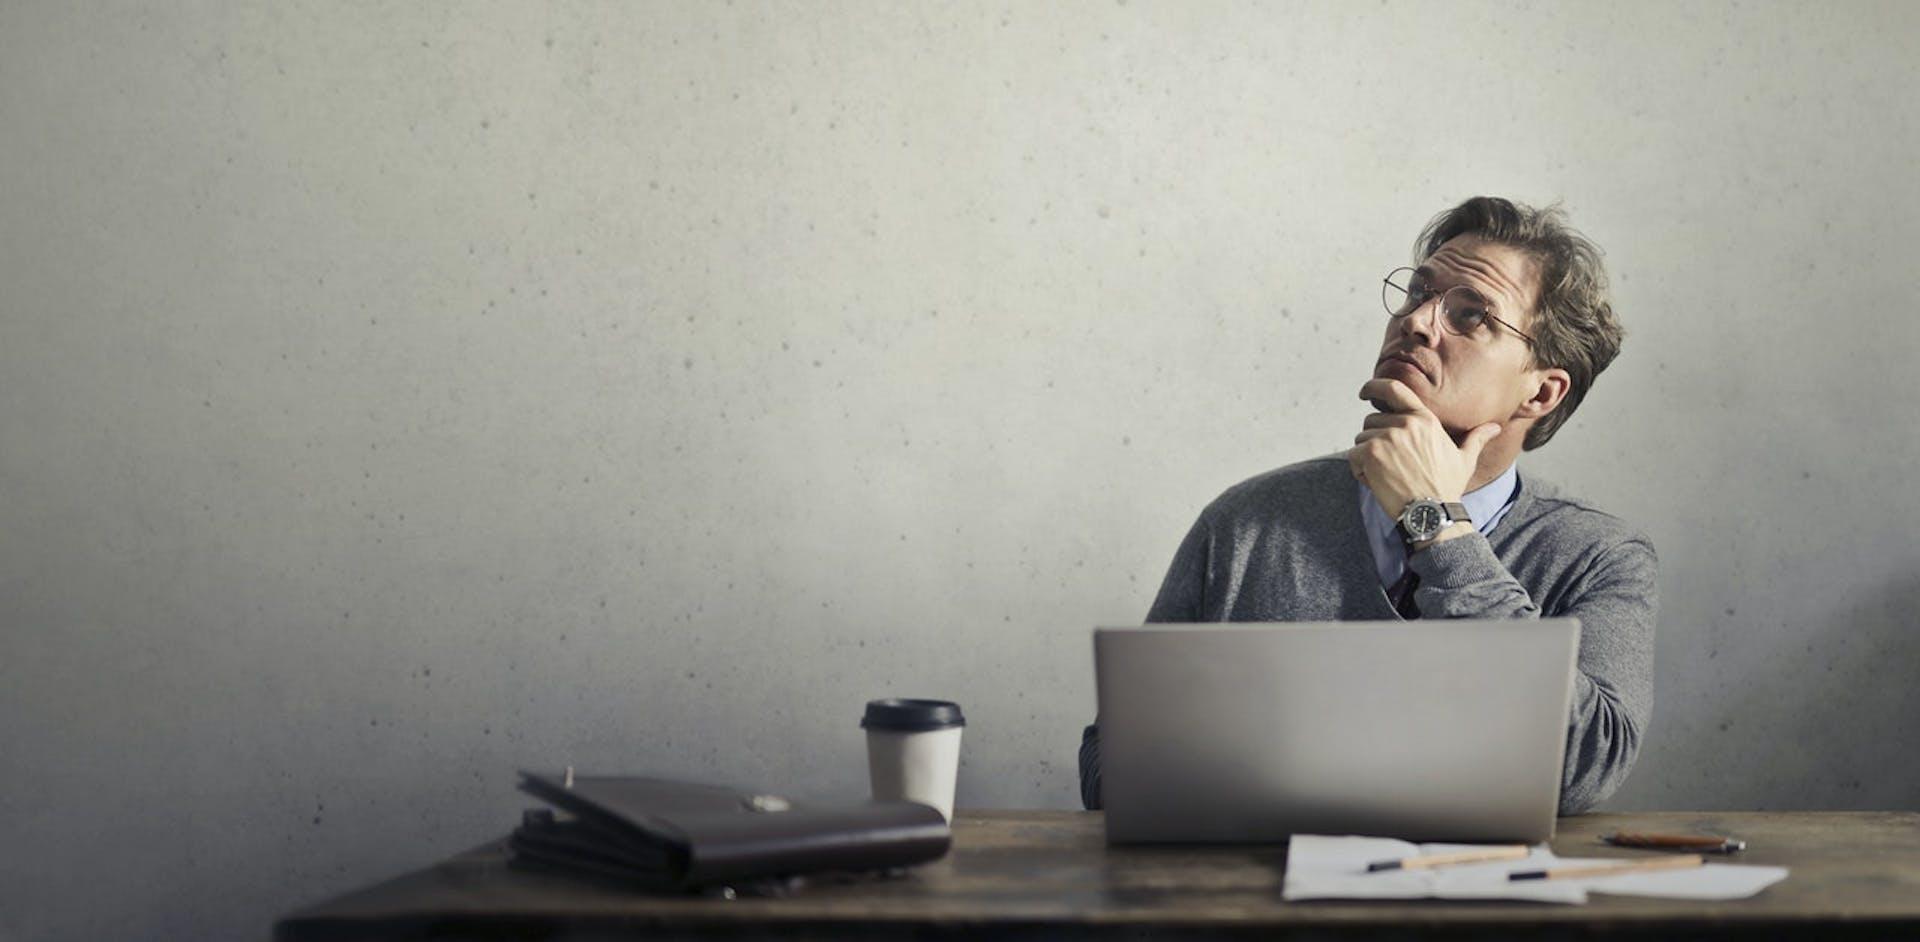 ¿Cómo buscar trabajo? +10 tips para conseguir el empleo de tus sueños